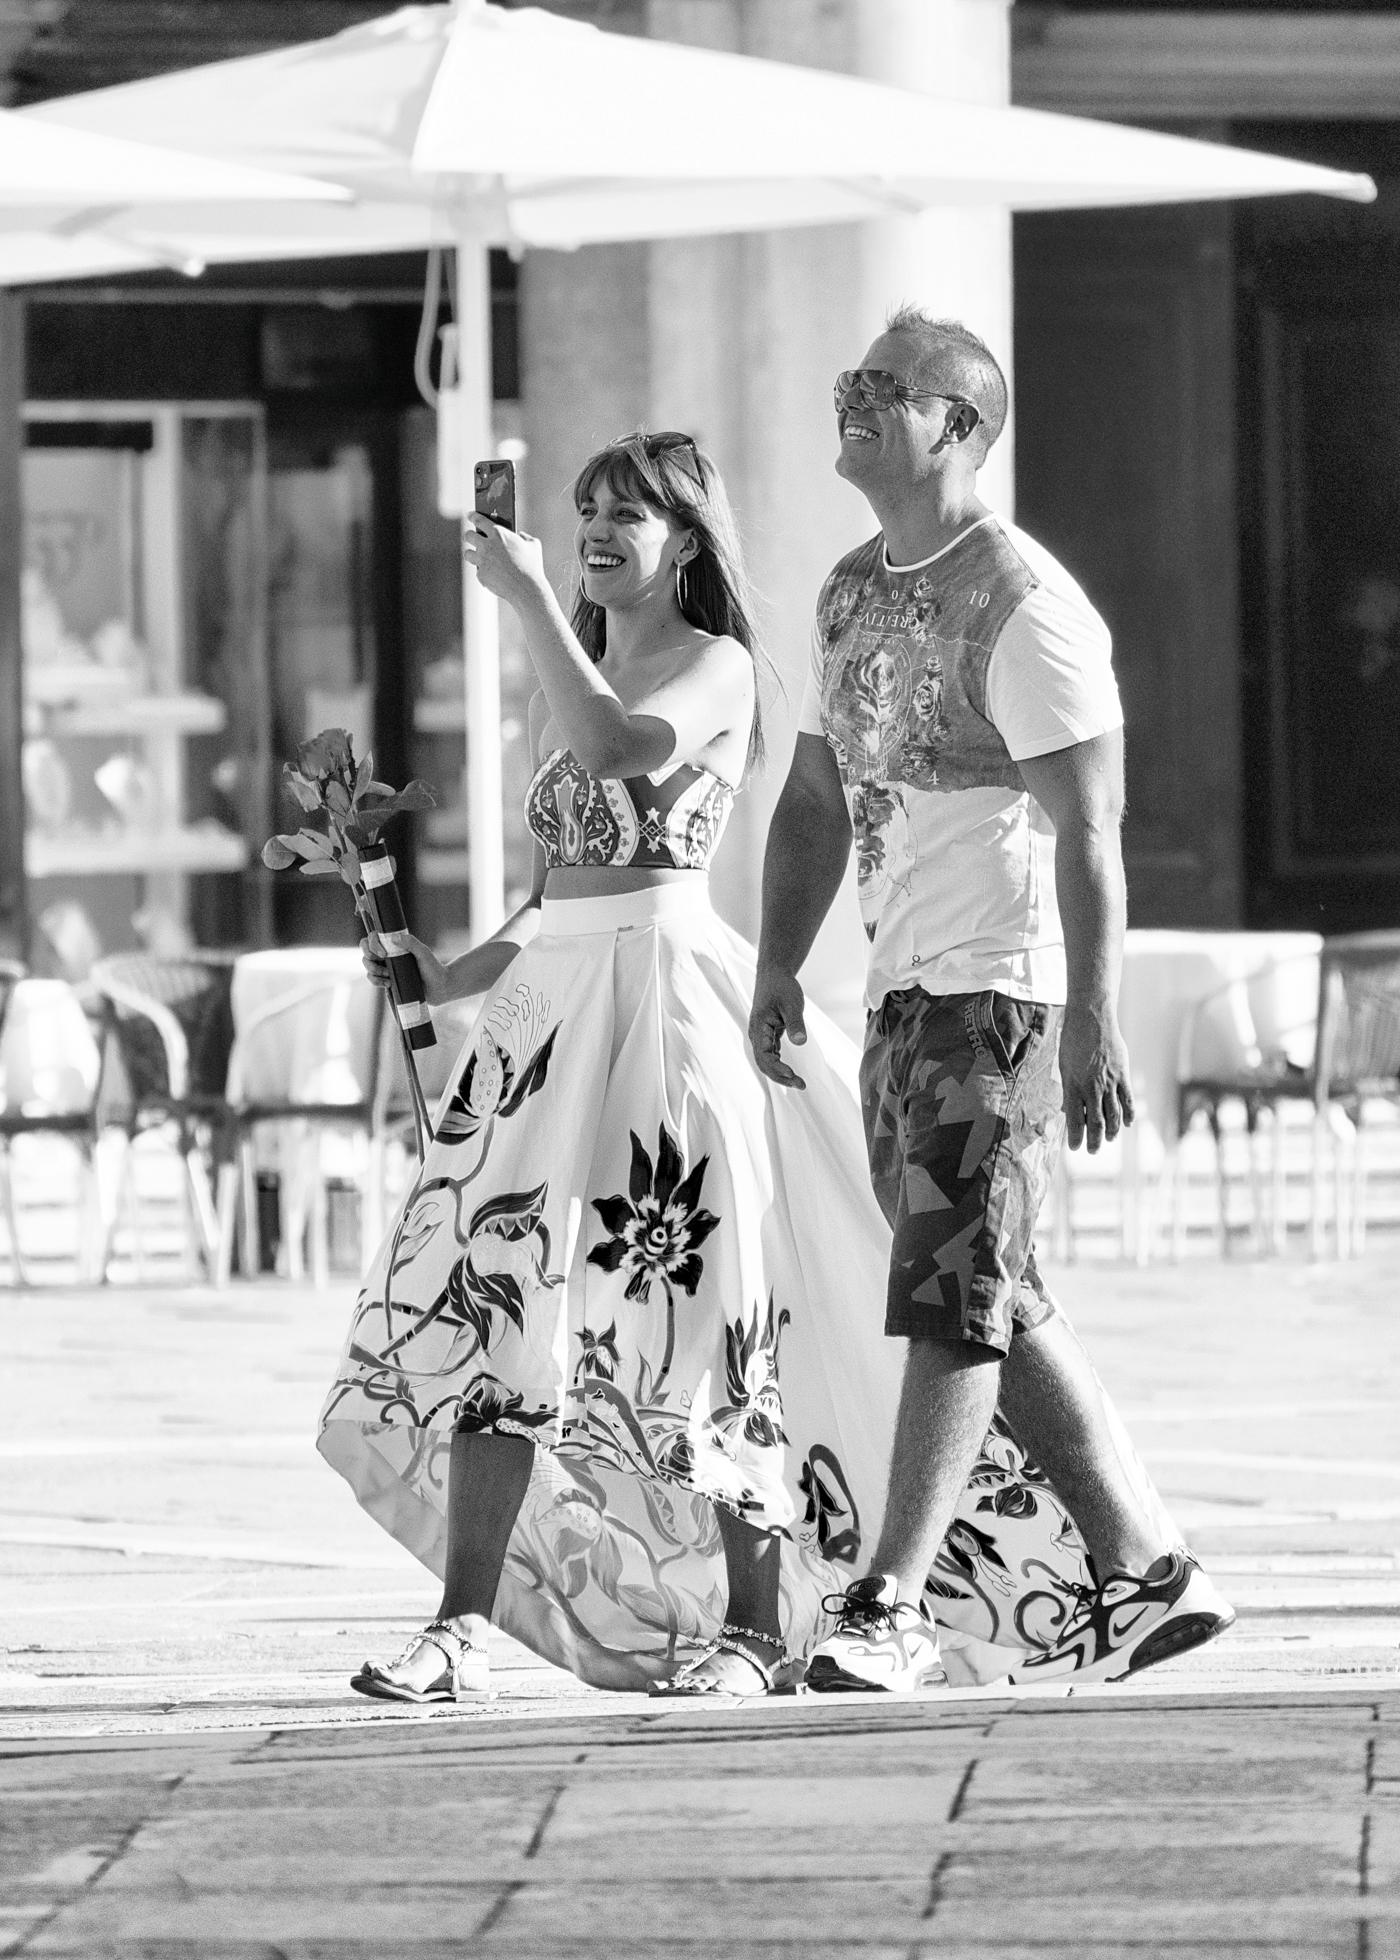 Venice street photography Travel in Style Aleksandra Rowicka